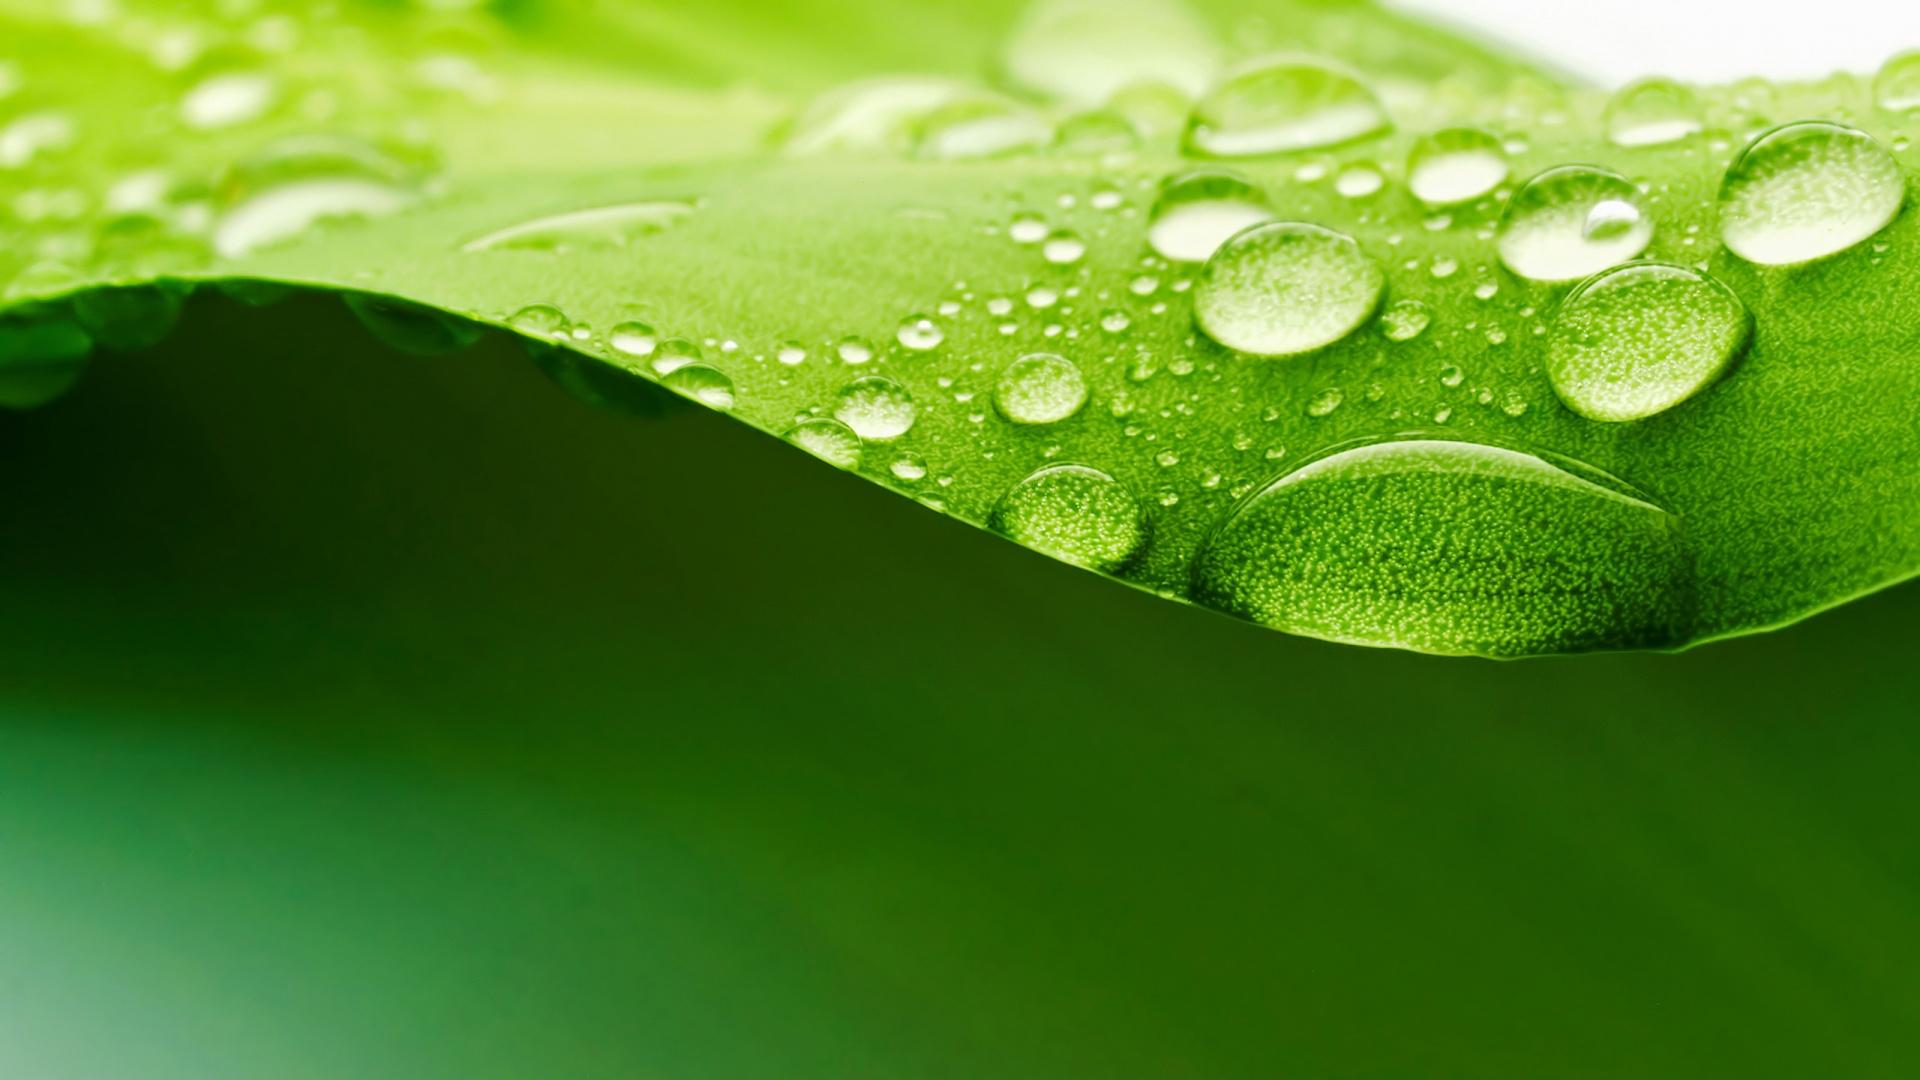 leaf wallpaper download